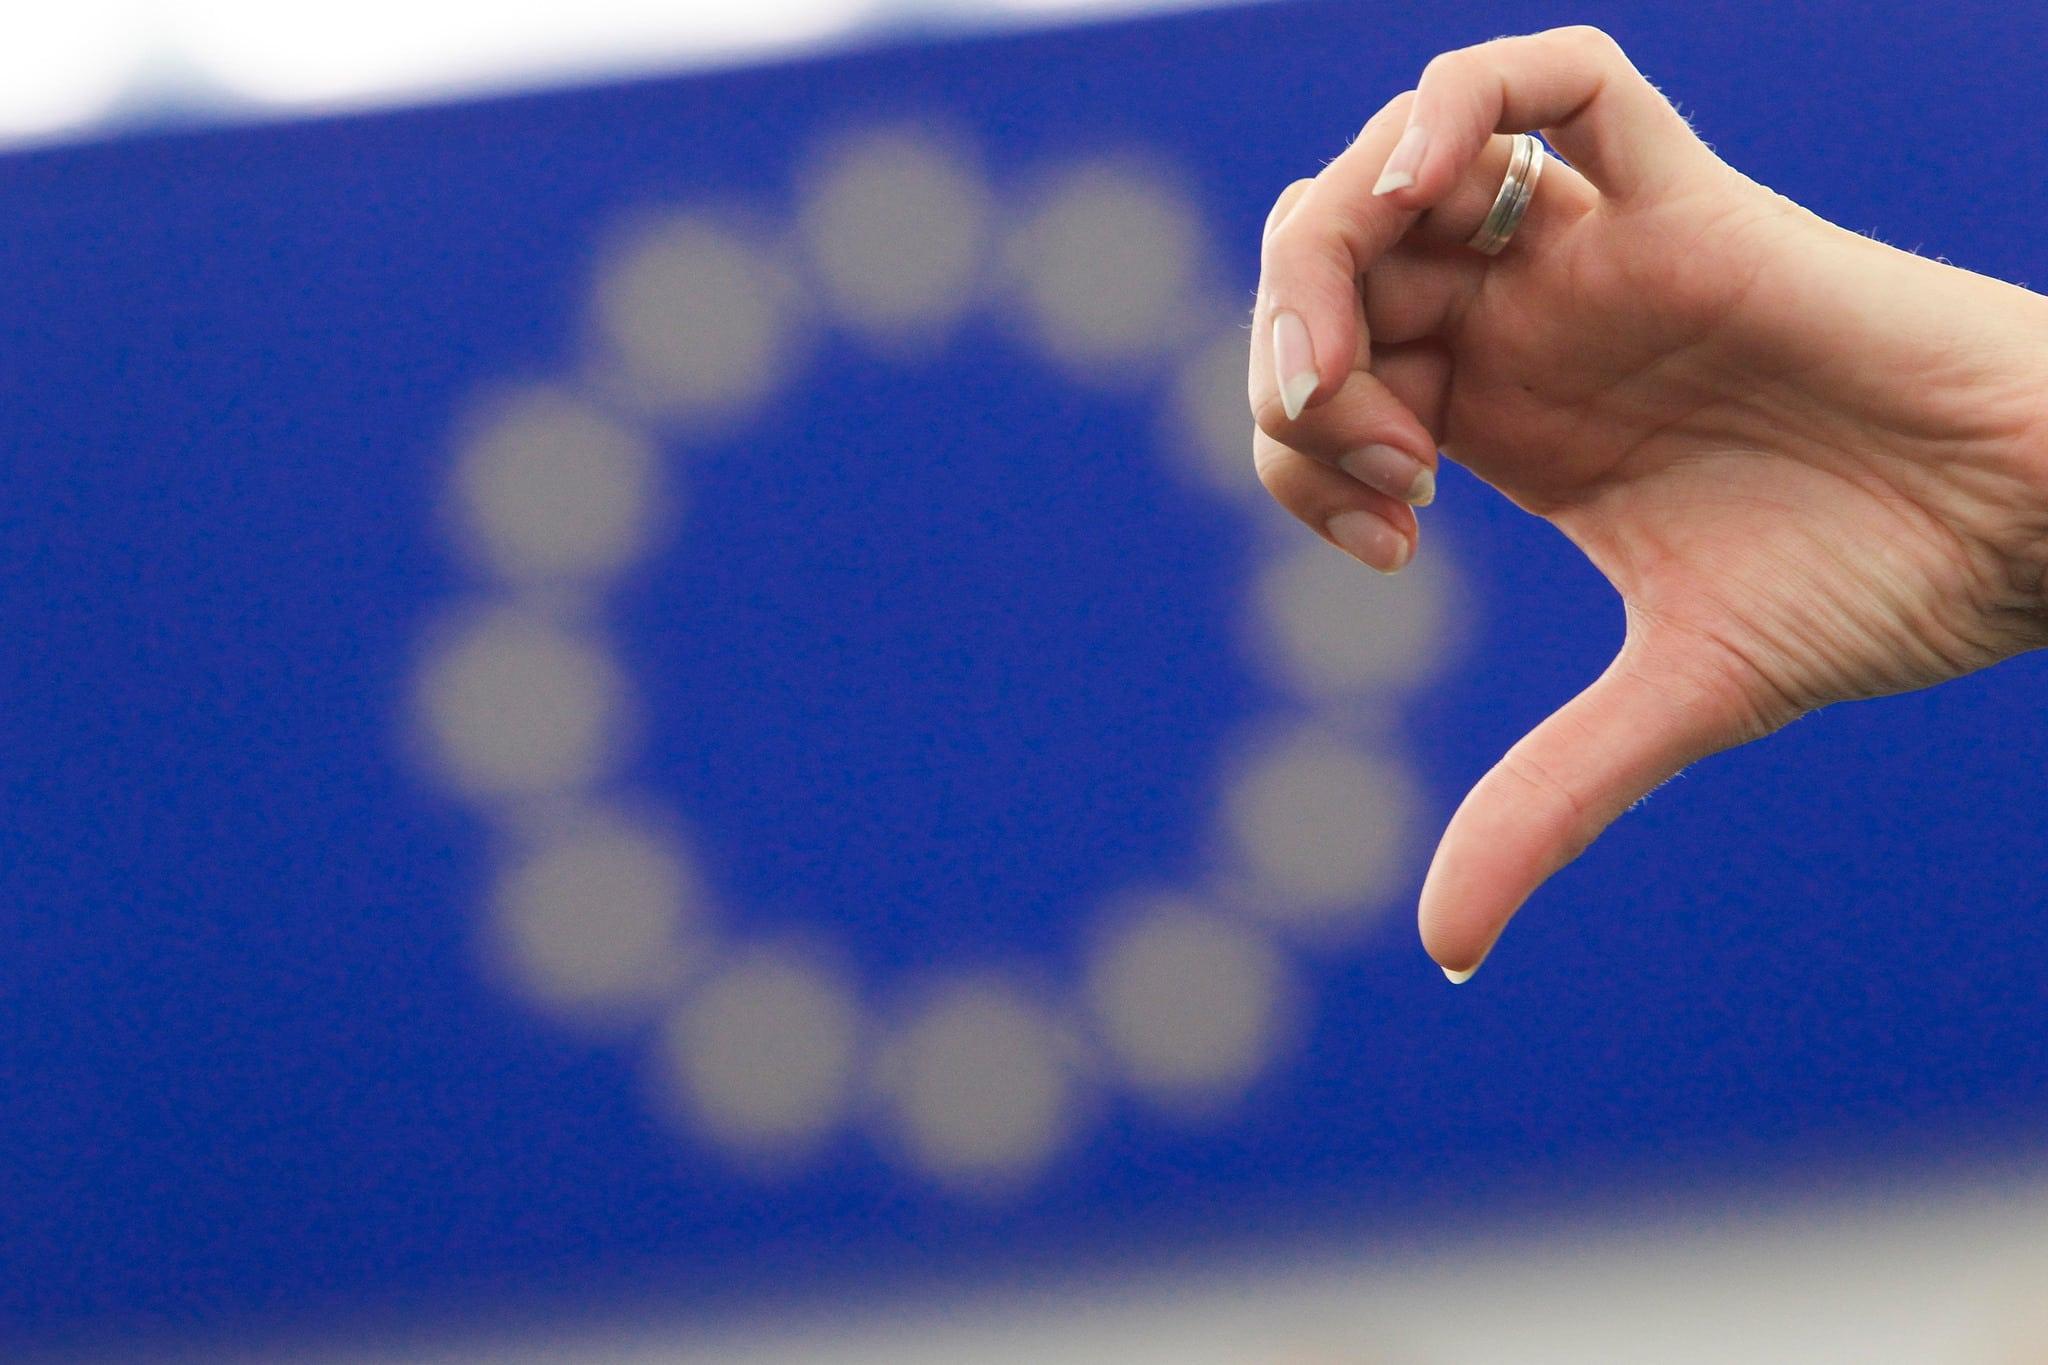 Christofer Fjellner menar att kommissionens förslag får förödande konsekvenser för Sverige om de blir verklighet.